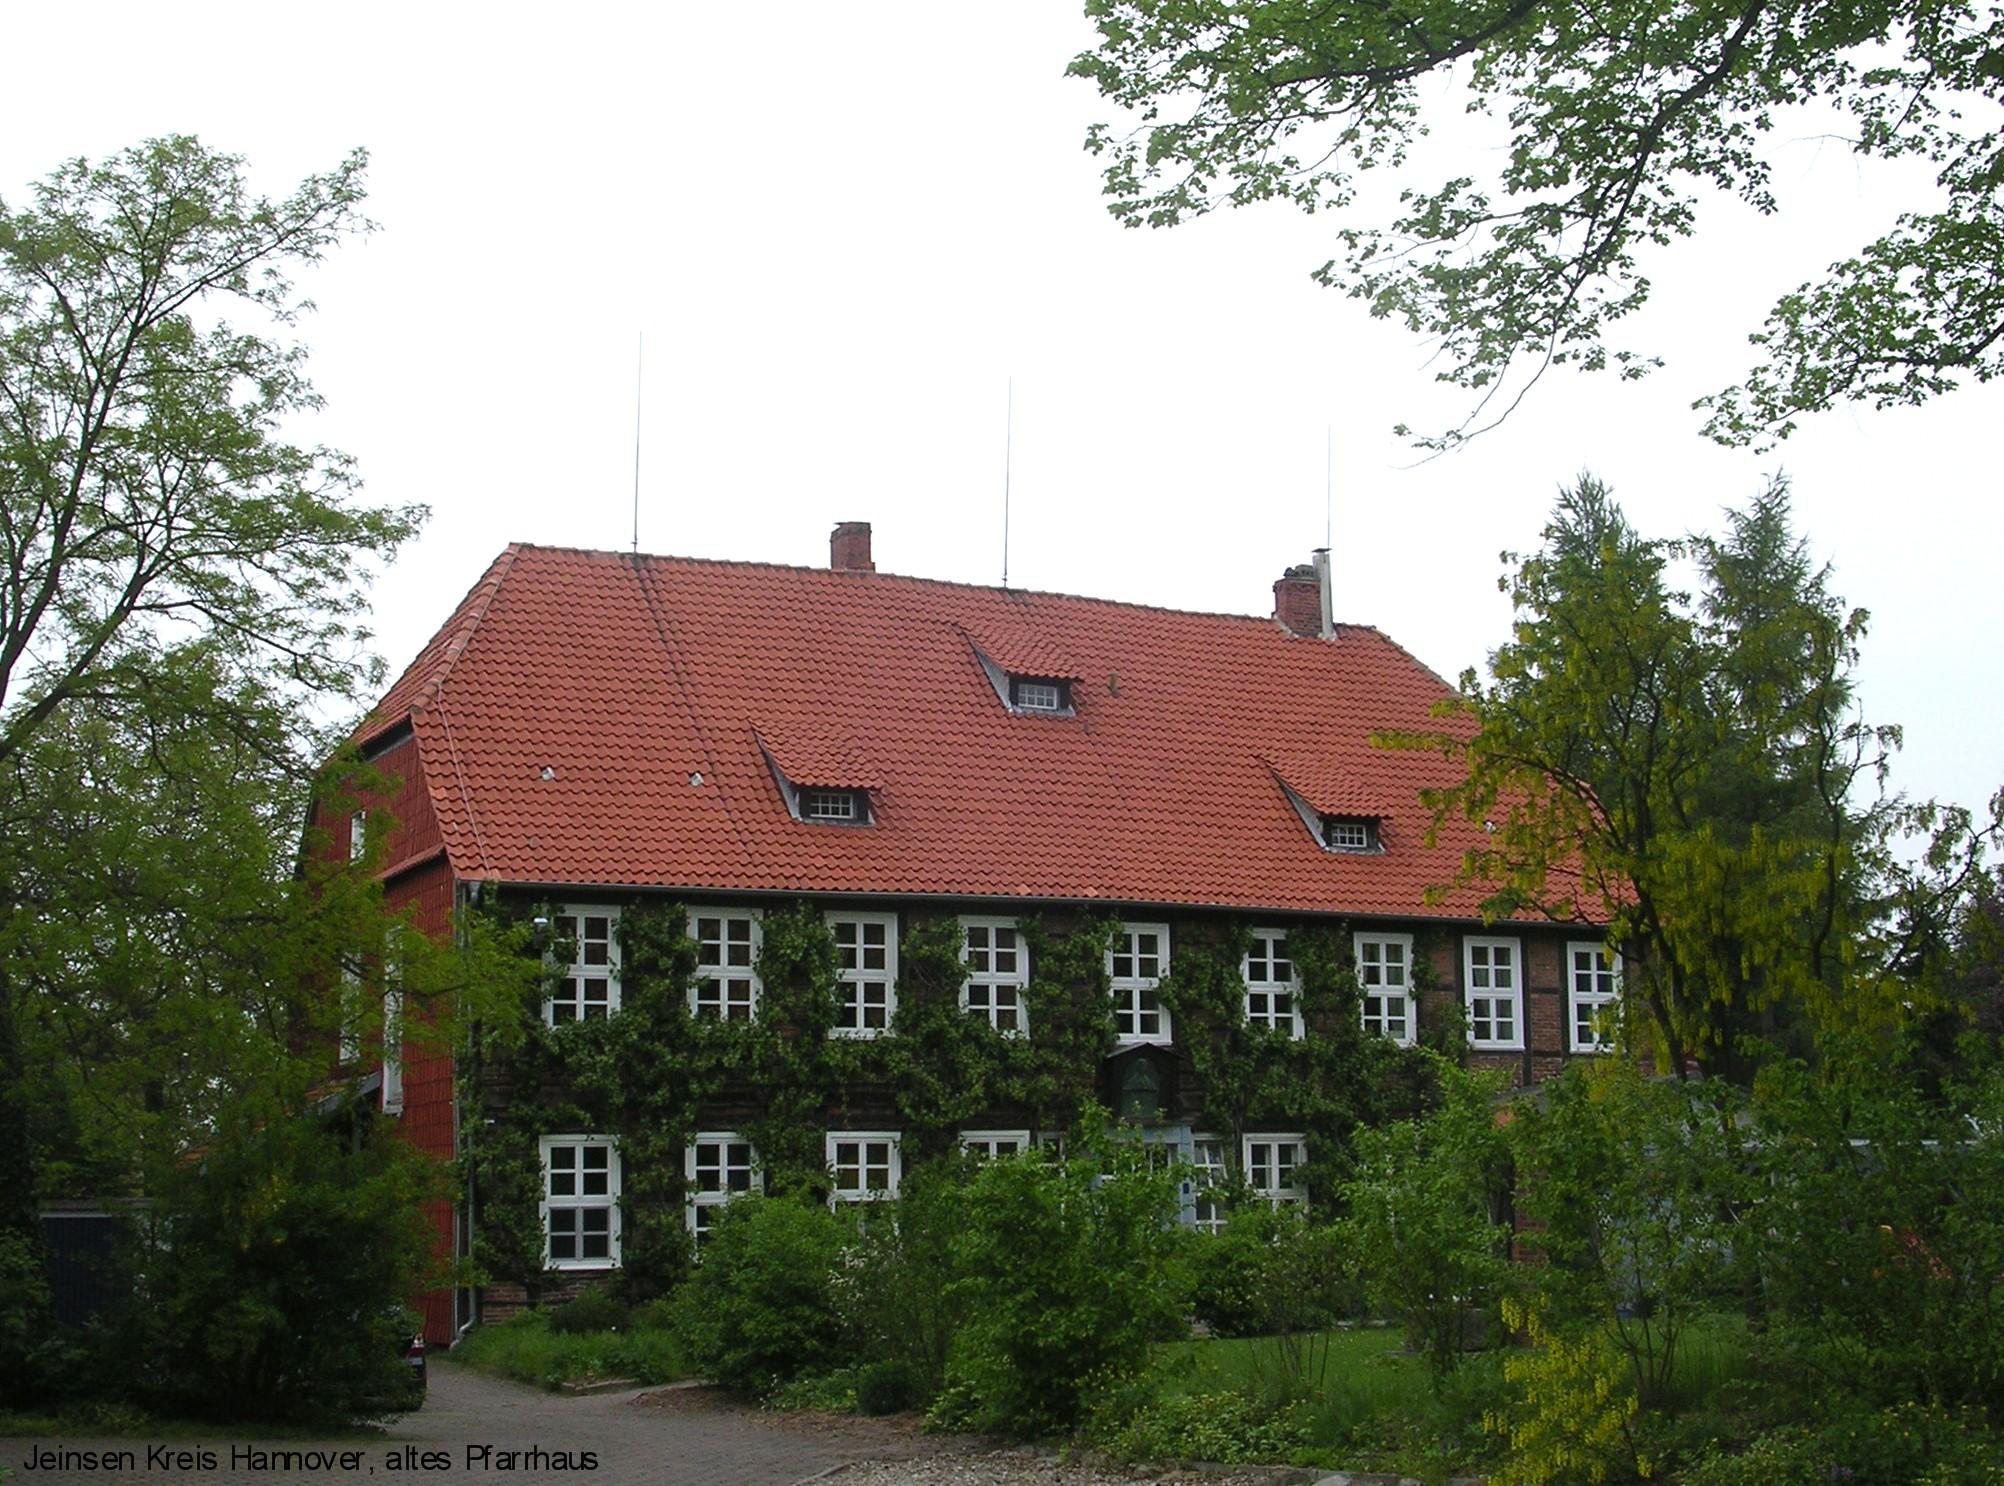 v-jeinsen-h-.pfarrhaus-1739